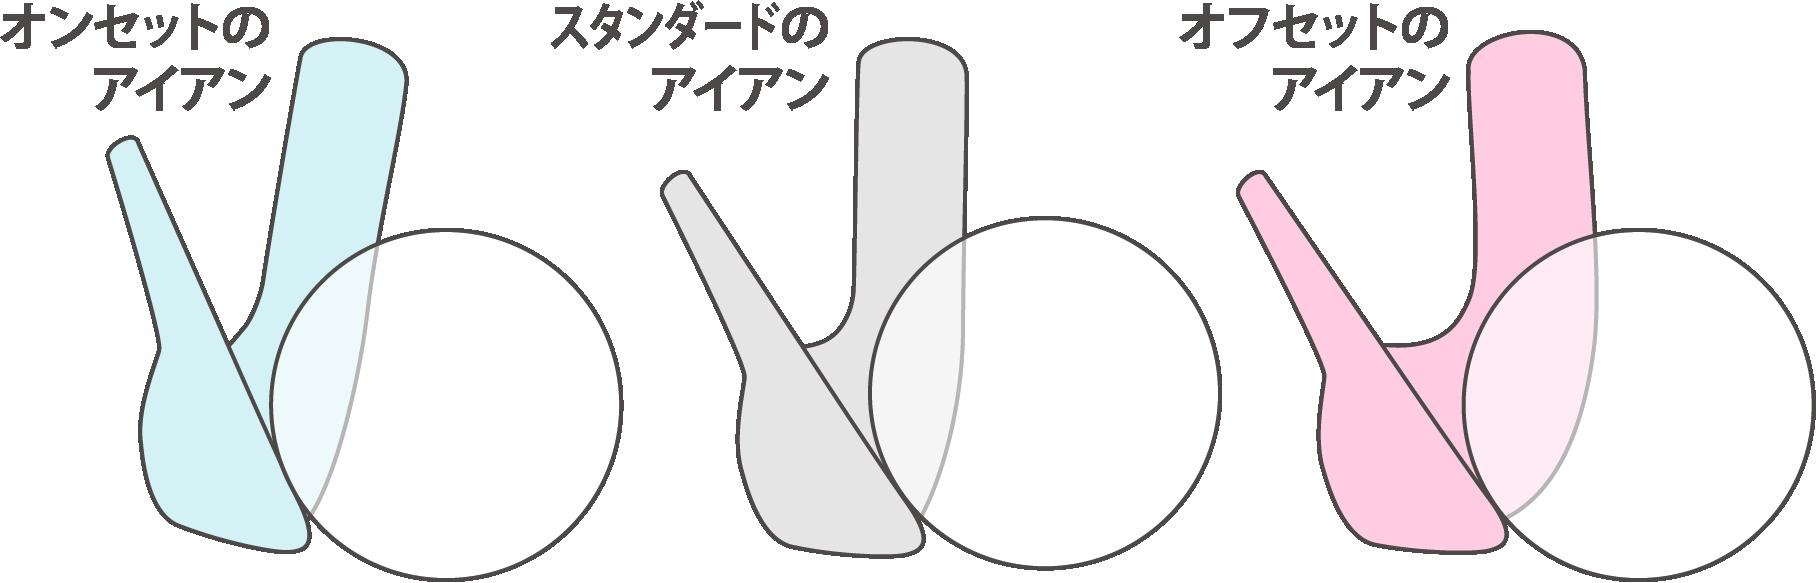 同じグリップ位置、ボール位置でインパクトした場合の概念図